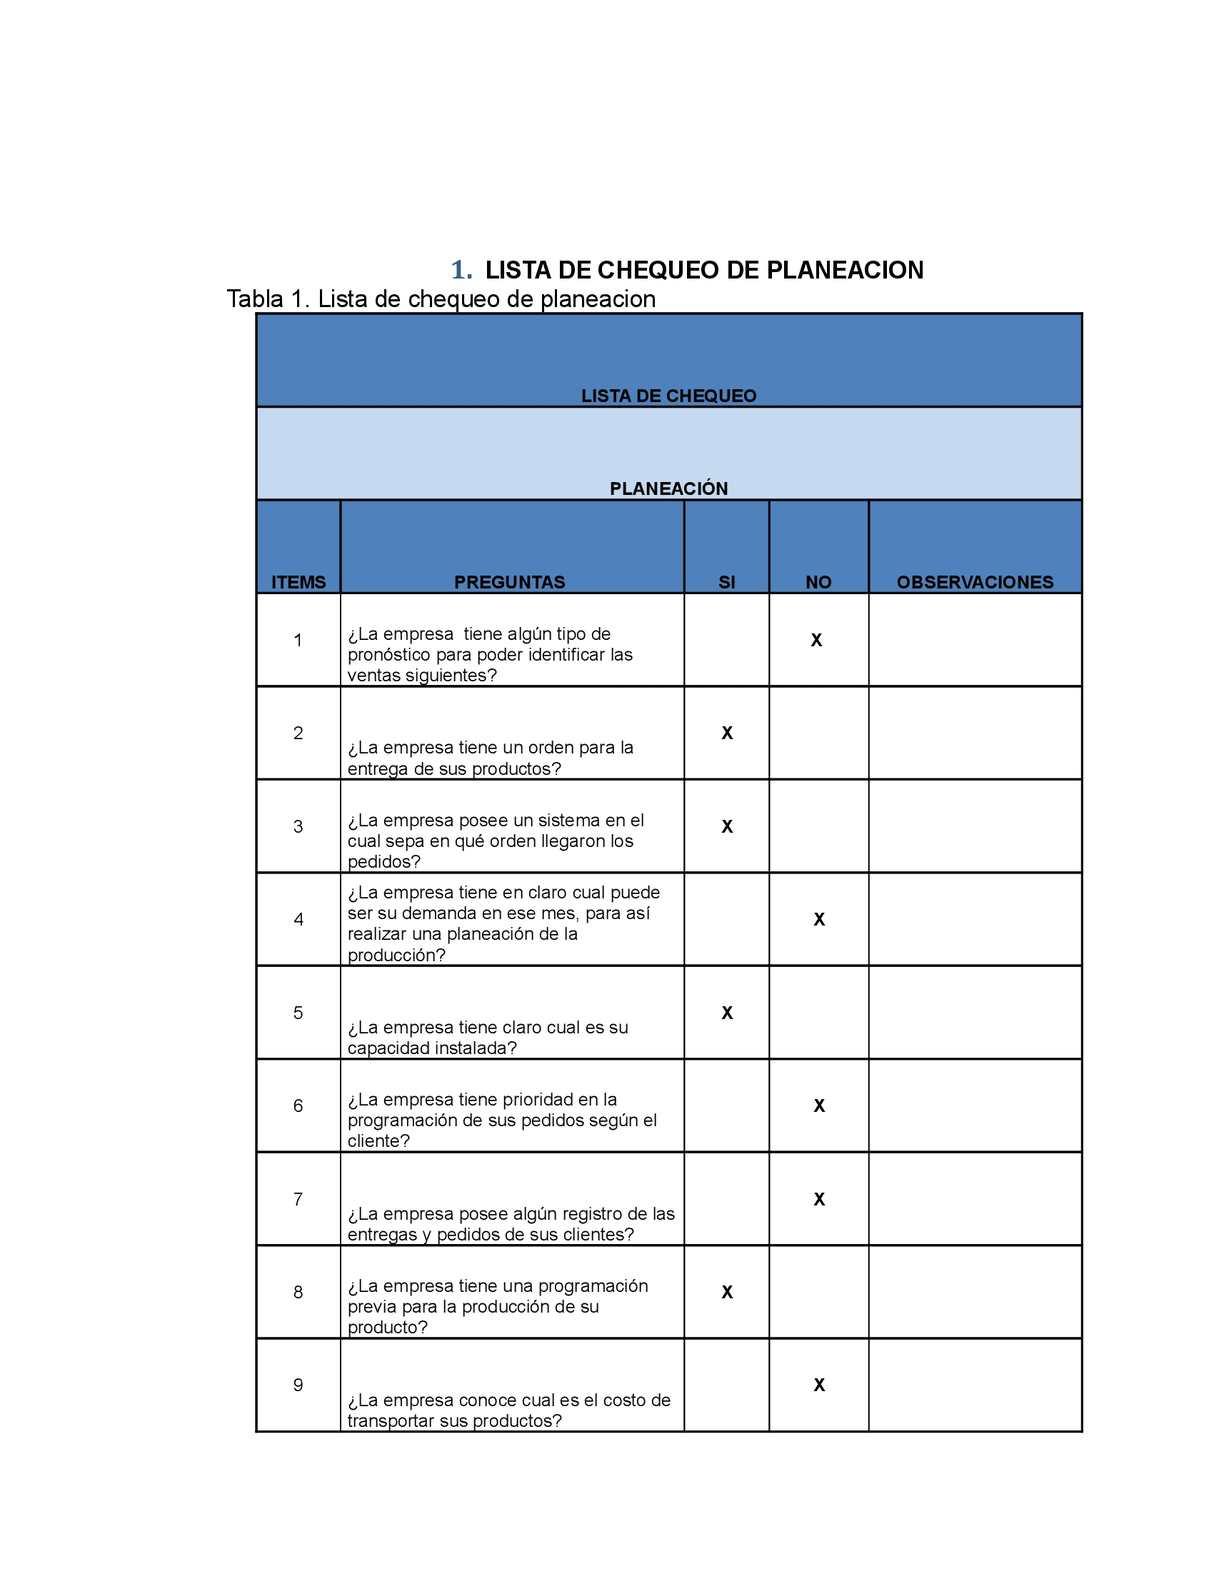 LISTAS DE CHEQUEO